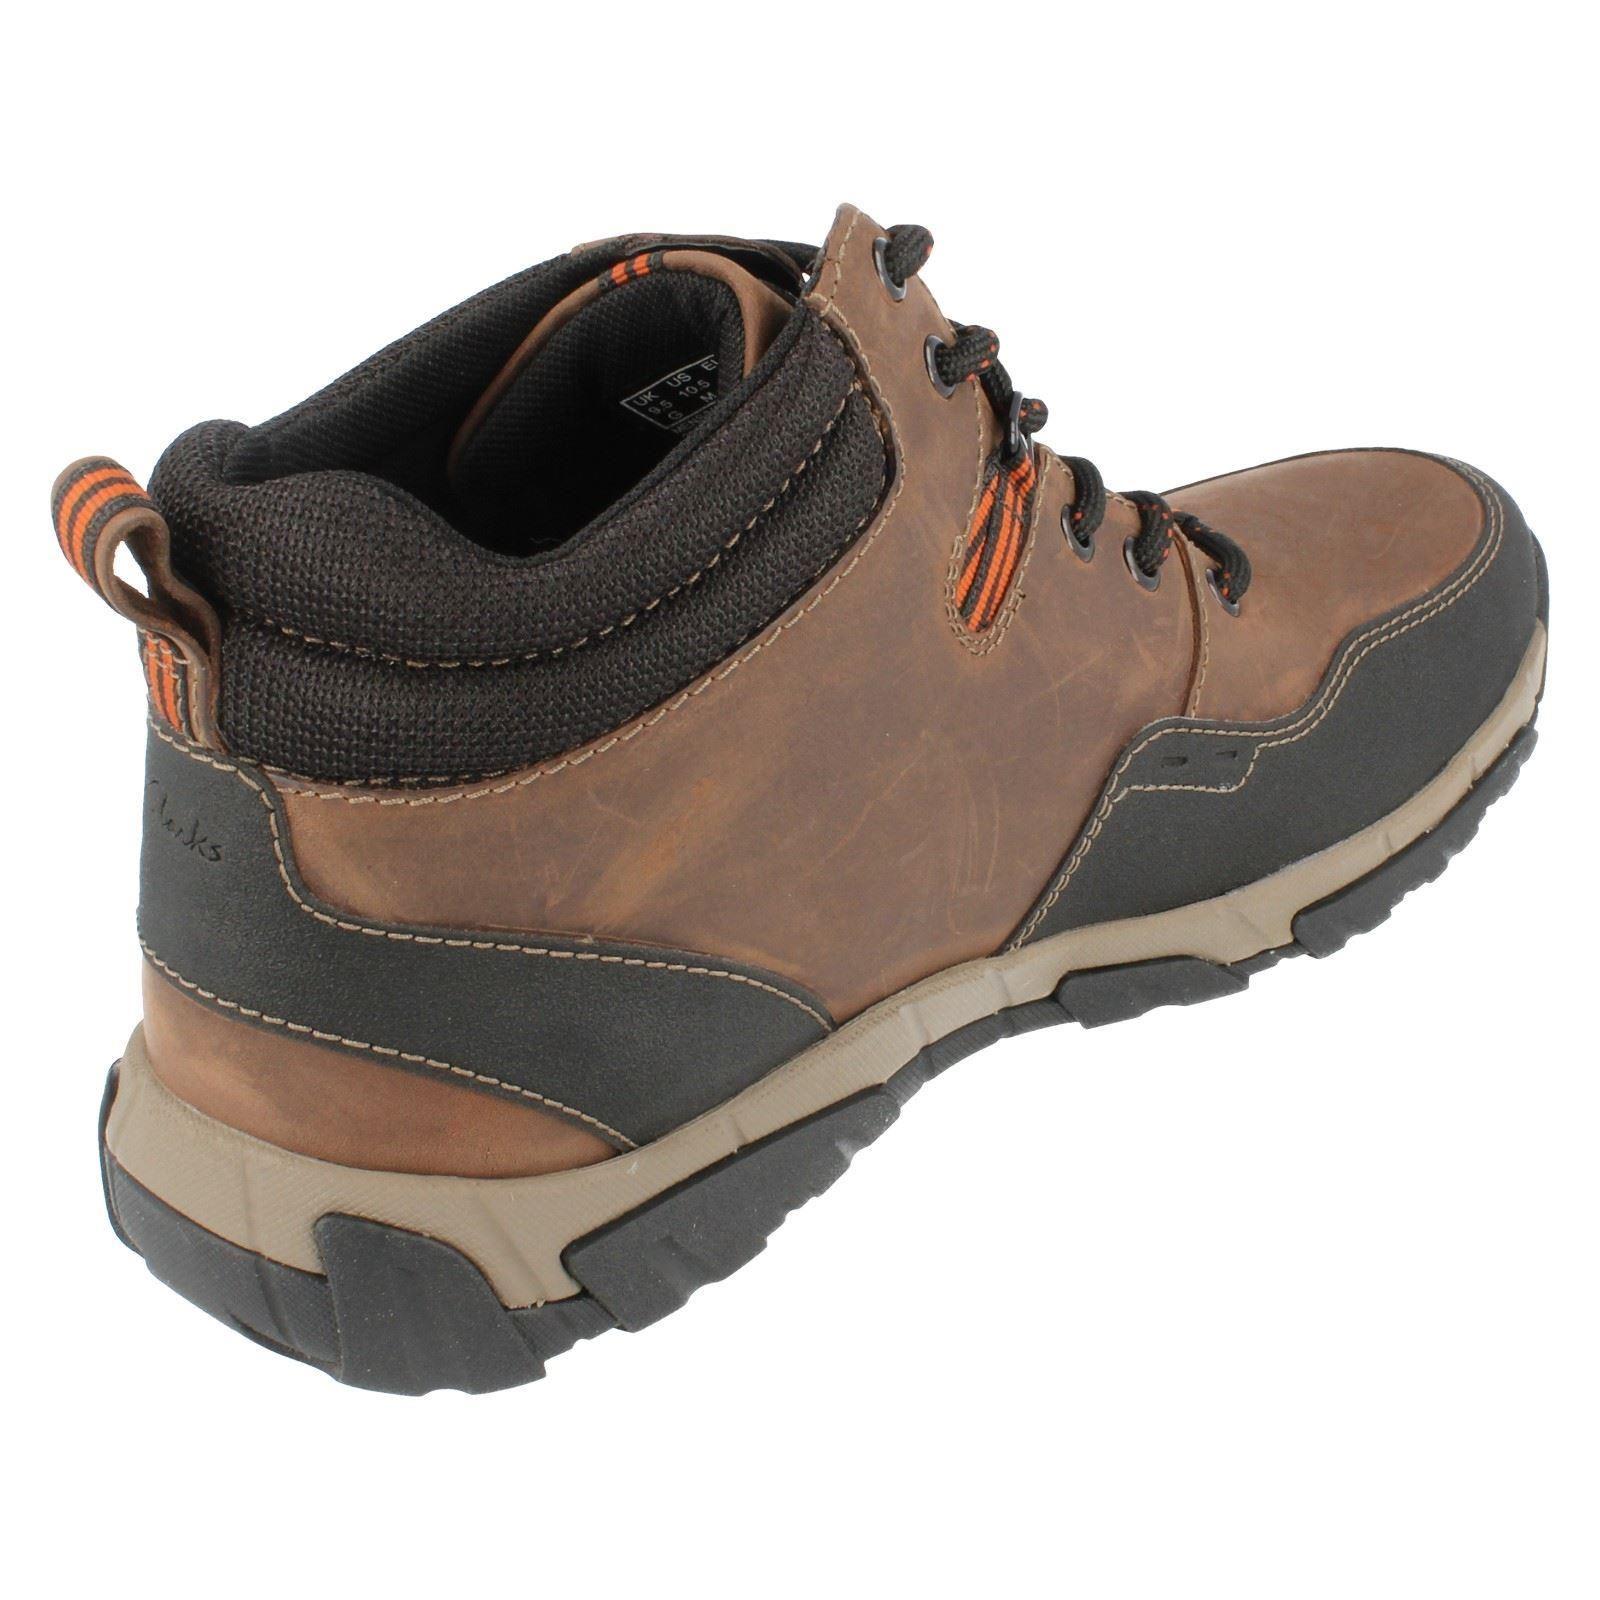 Mens Clarks Waterproof Boots Walbeck Top ~ N